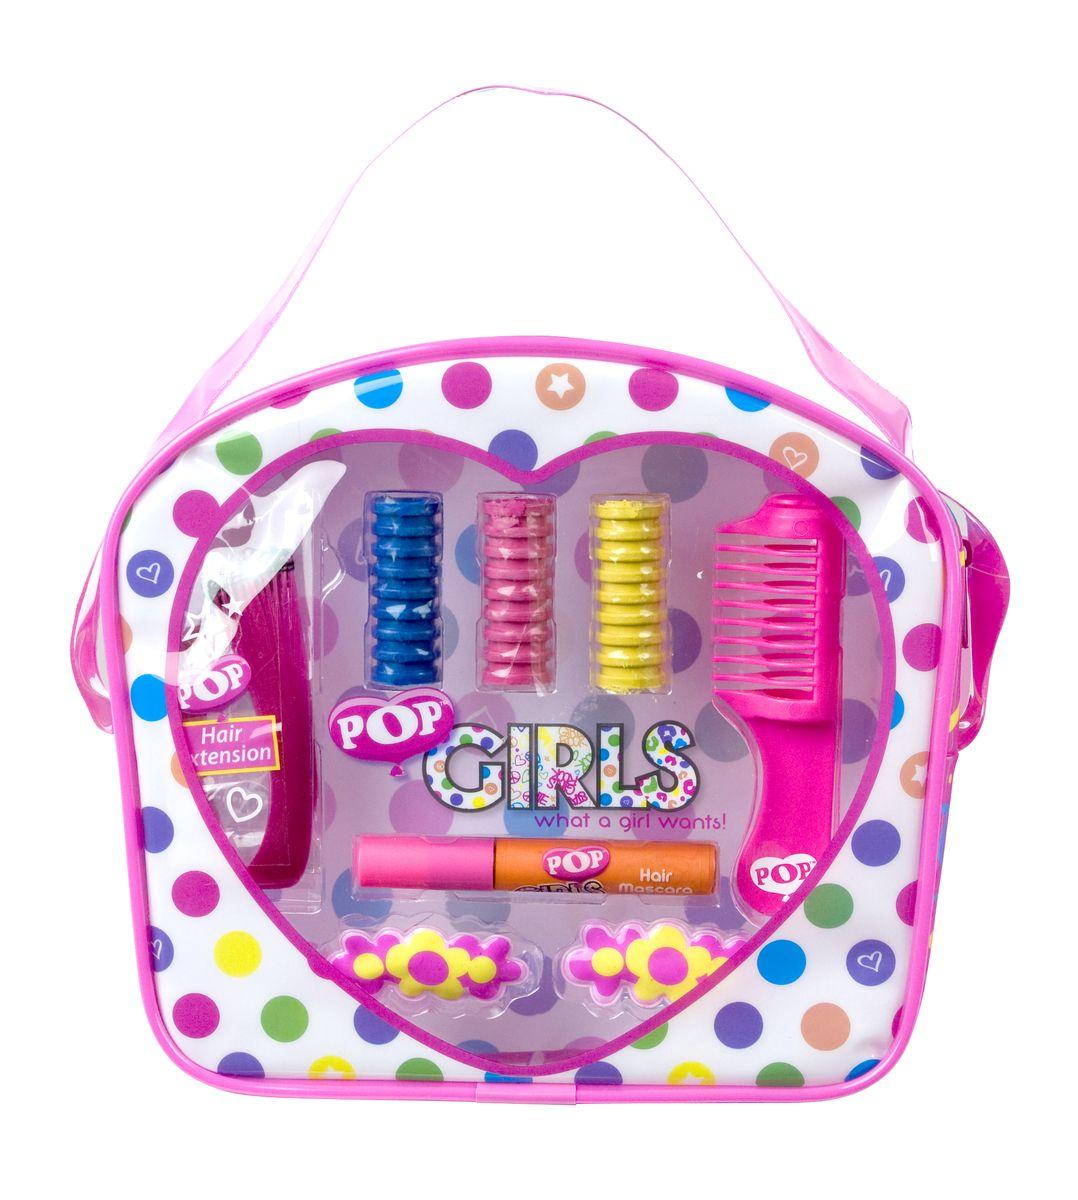 Markwins Игровой набор детской декоративной косметики для волос Pop Girl3600851Набор детской косметики для окрашивания волос Markwins Pop Girl поможет создать яркий образ! При этом краска легко смывается обычной водой, не содержит вредных веществ, не портит волосы. В набор входит флакончик с краской для волос и специальные мелки, которыми можно легко покрасить отдельные пряди. Искусственная прядь придаст дополнительную изюминку. Детская краска для волос прекрасно подойдет для создания образа перед маскарадом, праздником или выступлением.Детская косметика Markwins создана с соблюдением самых высоких европейских стандартов безопасности. Продукция не содержит парабенов, метилизотиазолинона, пальмового масла. Предназначена для детей от 7 лет. Несмотря на высокое качество продукции и ее общую гипоаллергенность, производитель рекомендует проверить индивидуальную реакцию на косметику перед ее использованием. Просто нанесите на кожу немного косметики и подержите 30-60 минут. Если на коже появится покраснение, следует прекратить использование продукции. Эта аллергическая реакция проявляется очень редко и зависит от индивидуальных особенностей организма.Условия хранения: хранить при температуре от +5 до +25 градусов; не допускать попадания прямых солнечных лучей.